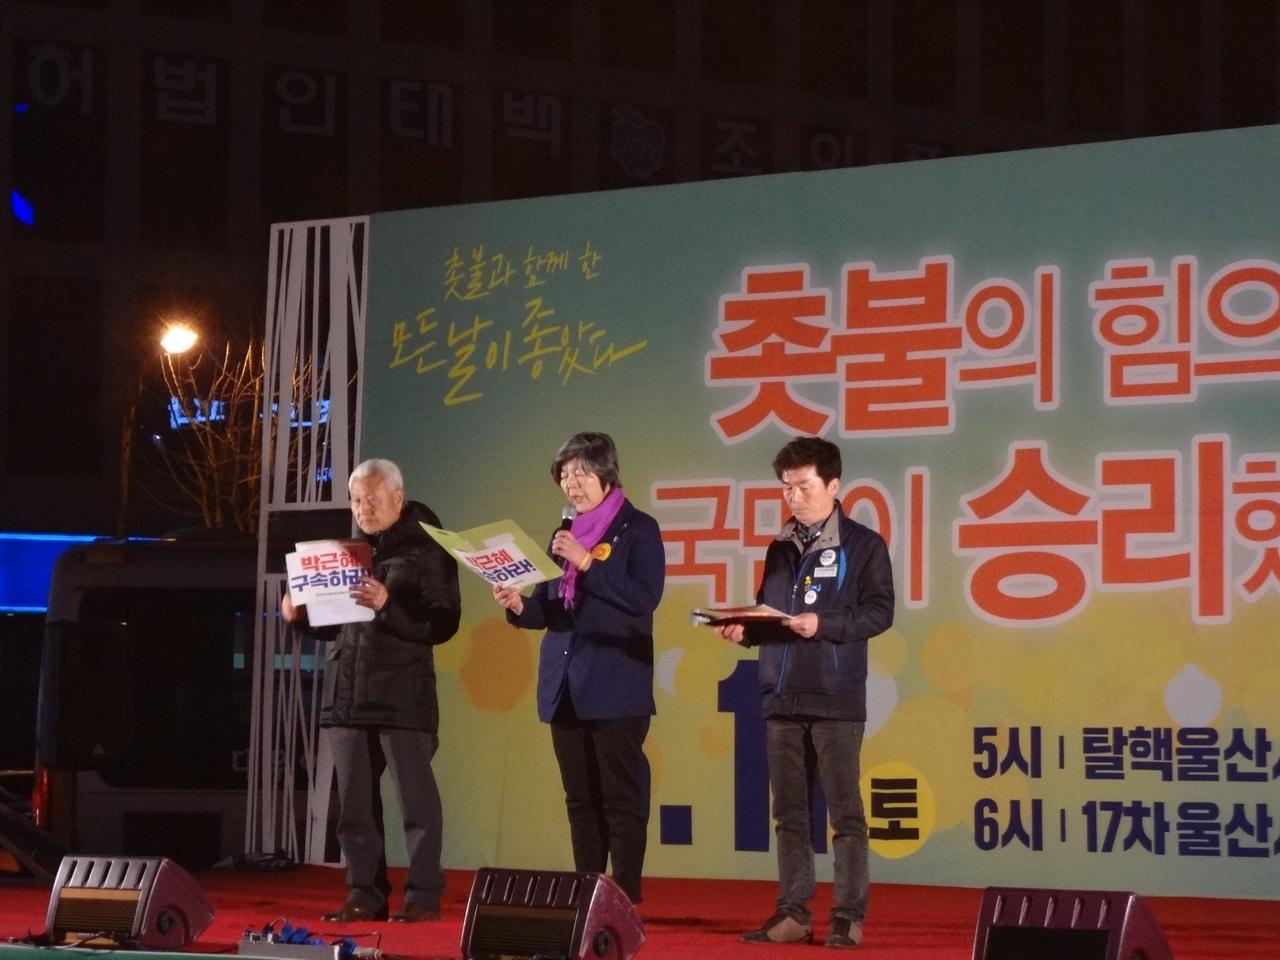 무대에 등장한 3명의 대표자들 <박근혜 정권퇴진 울산시민행동> 3명의 대표자들이 무대위에 등장해서 발언을 하였다.